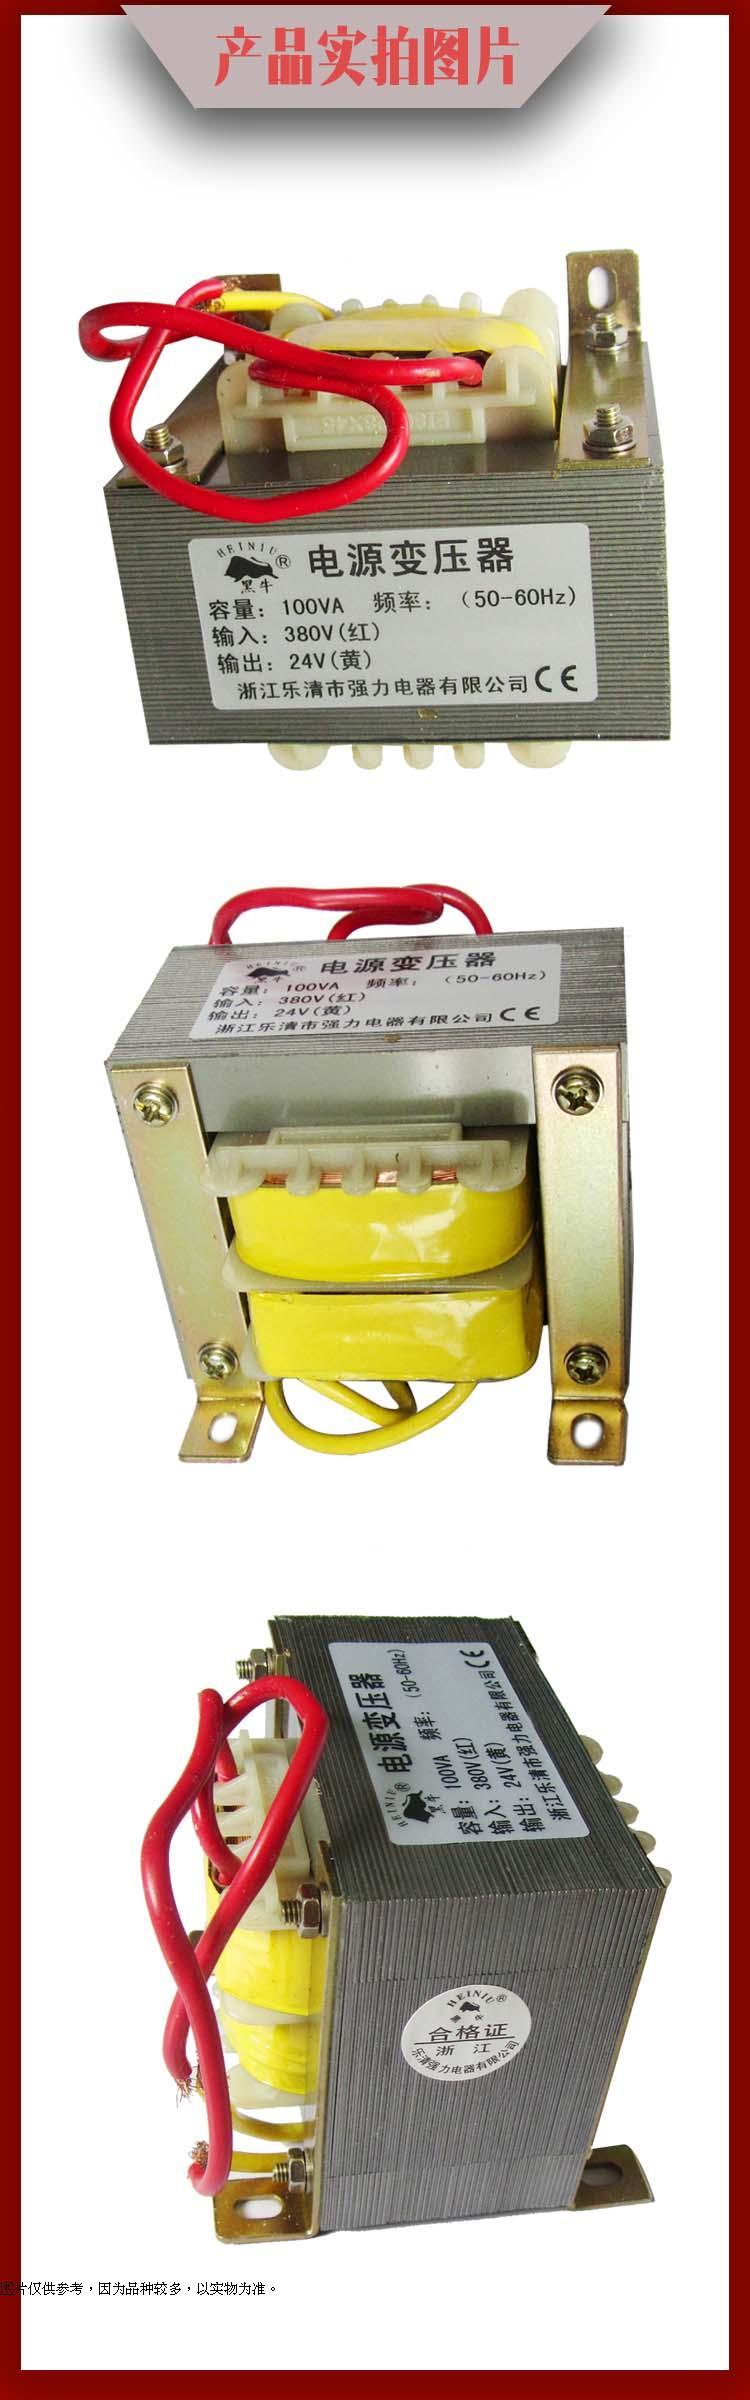 - тип / трансформатор 220v се обмен на 18 18V5A100W100VA целия медно ядро на трансформатор